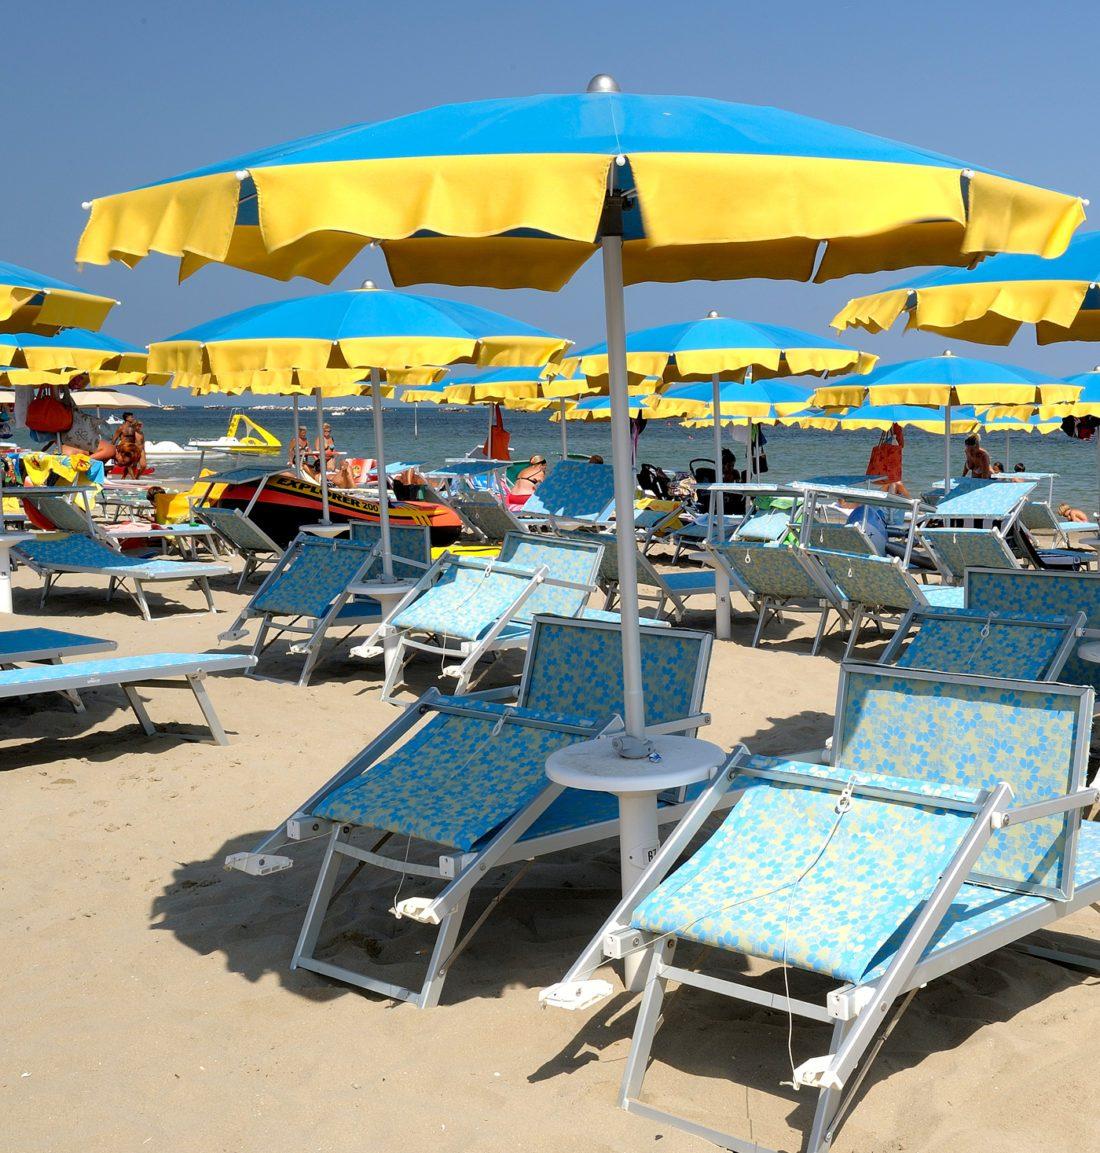 Ombrellone Classico con Panta - Tessitura Selva - arredi e attrezzatura da spiaggia, piscina e giardini